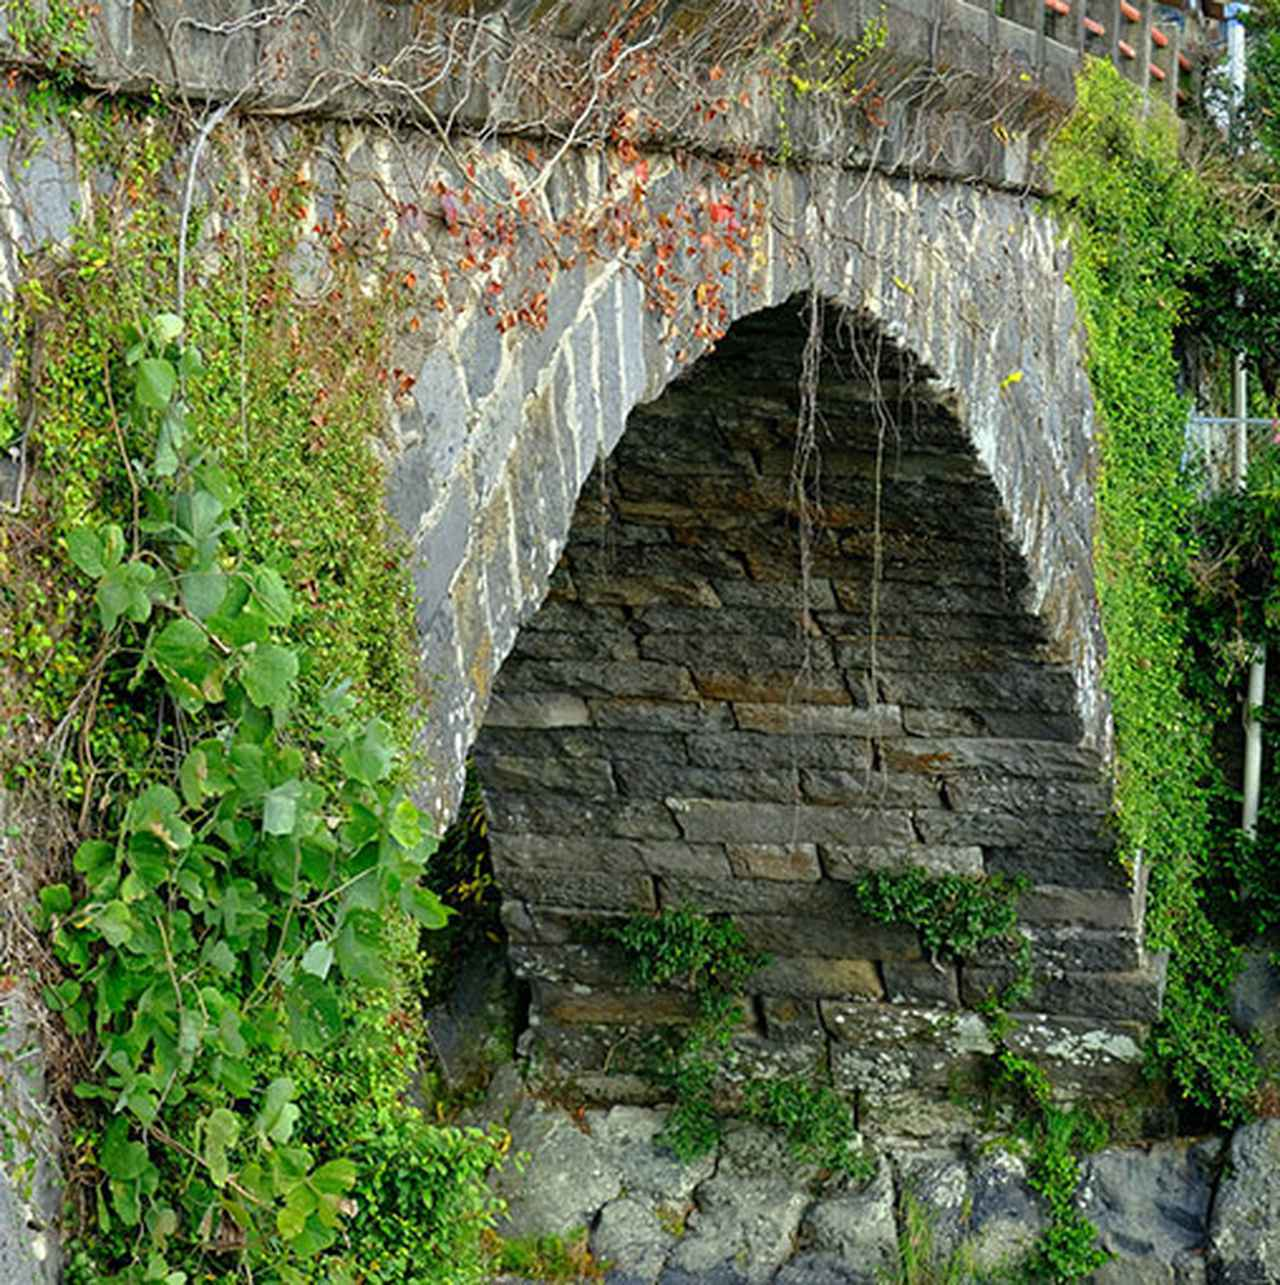 画像: 互い違いに組まれた石。一連アーチ橋で江戸時代後期に造られた石橋です。地元の石工であった伊助によって組まれました。